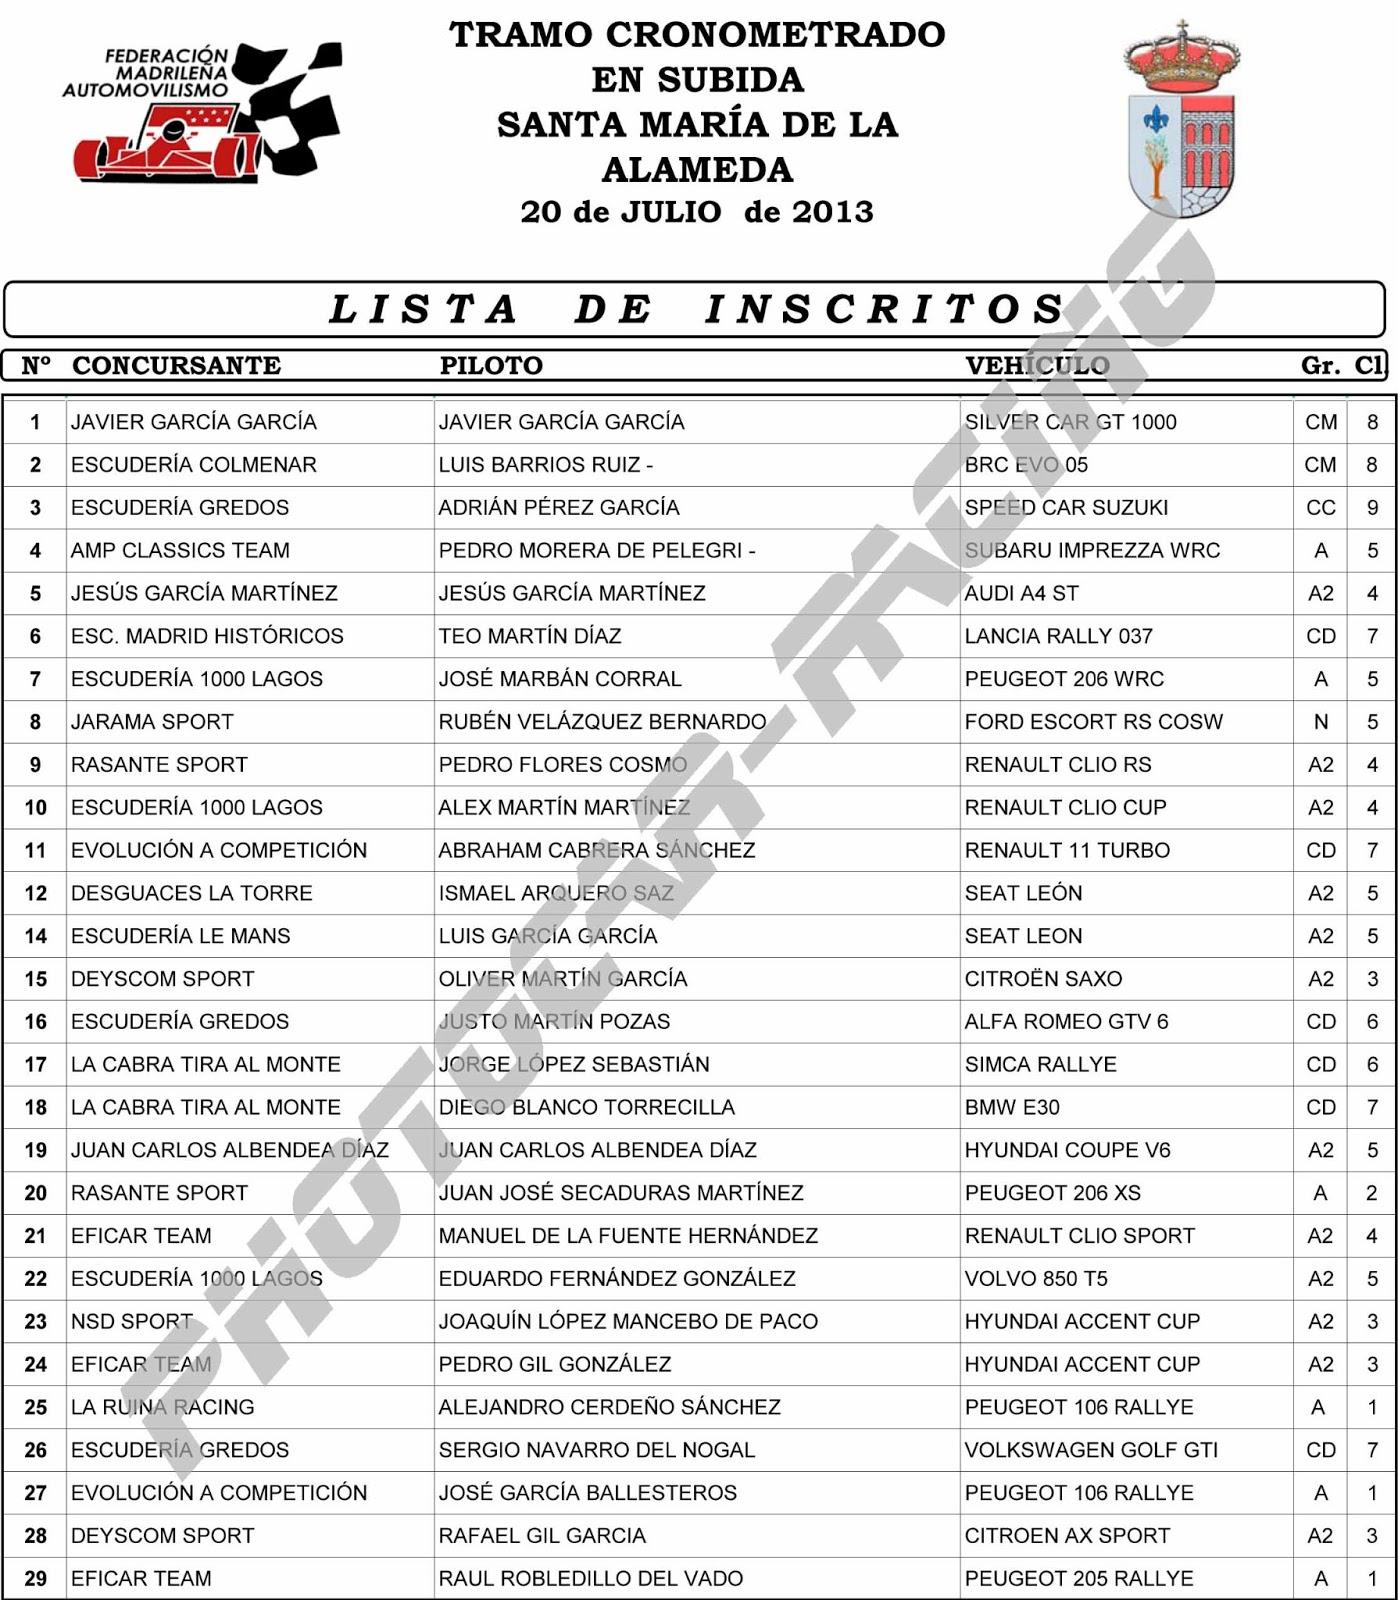 Lista De Inscritos Al Examenes De Ascenso | News Of The Worlds